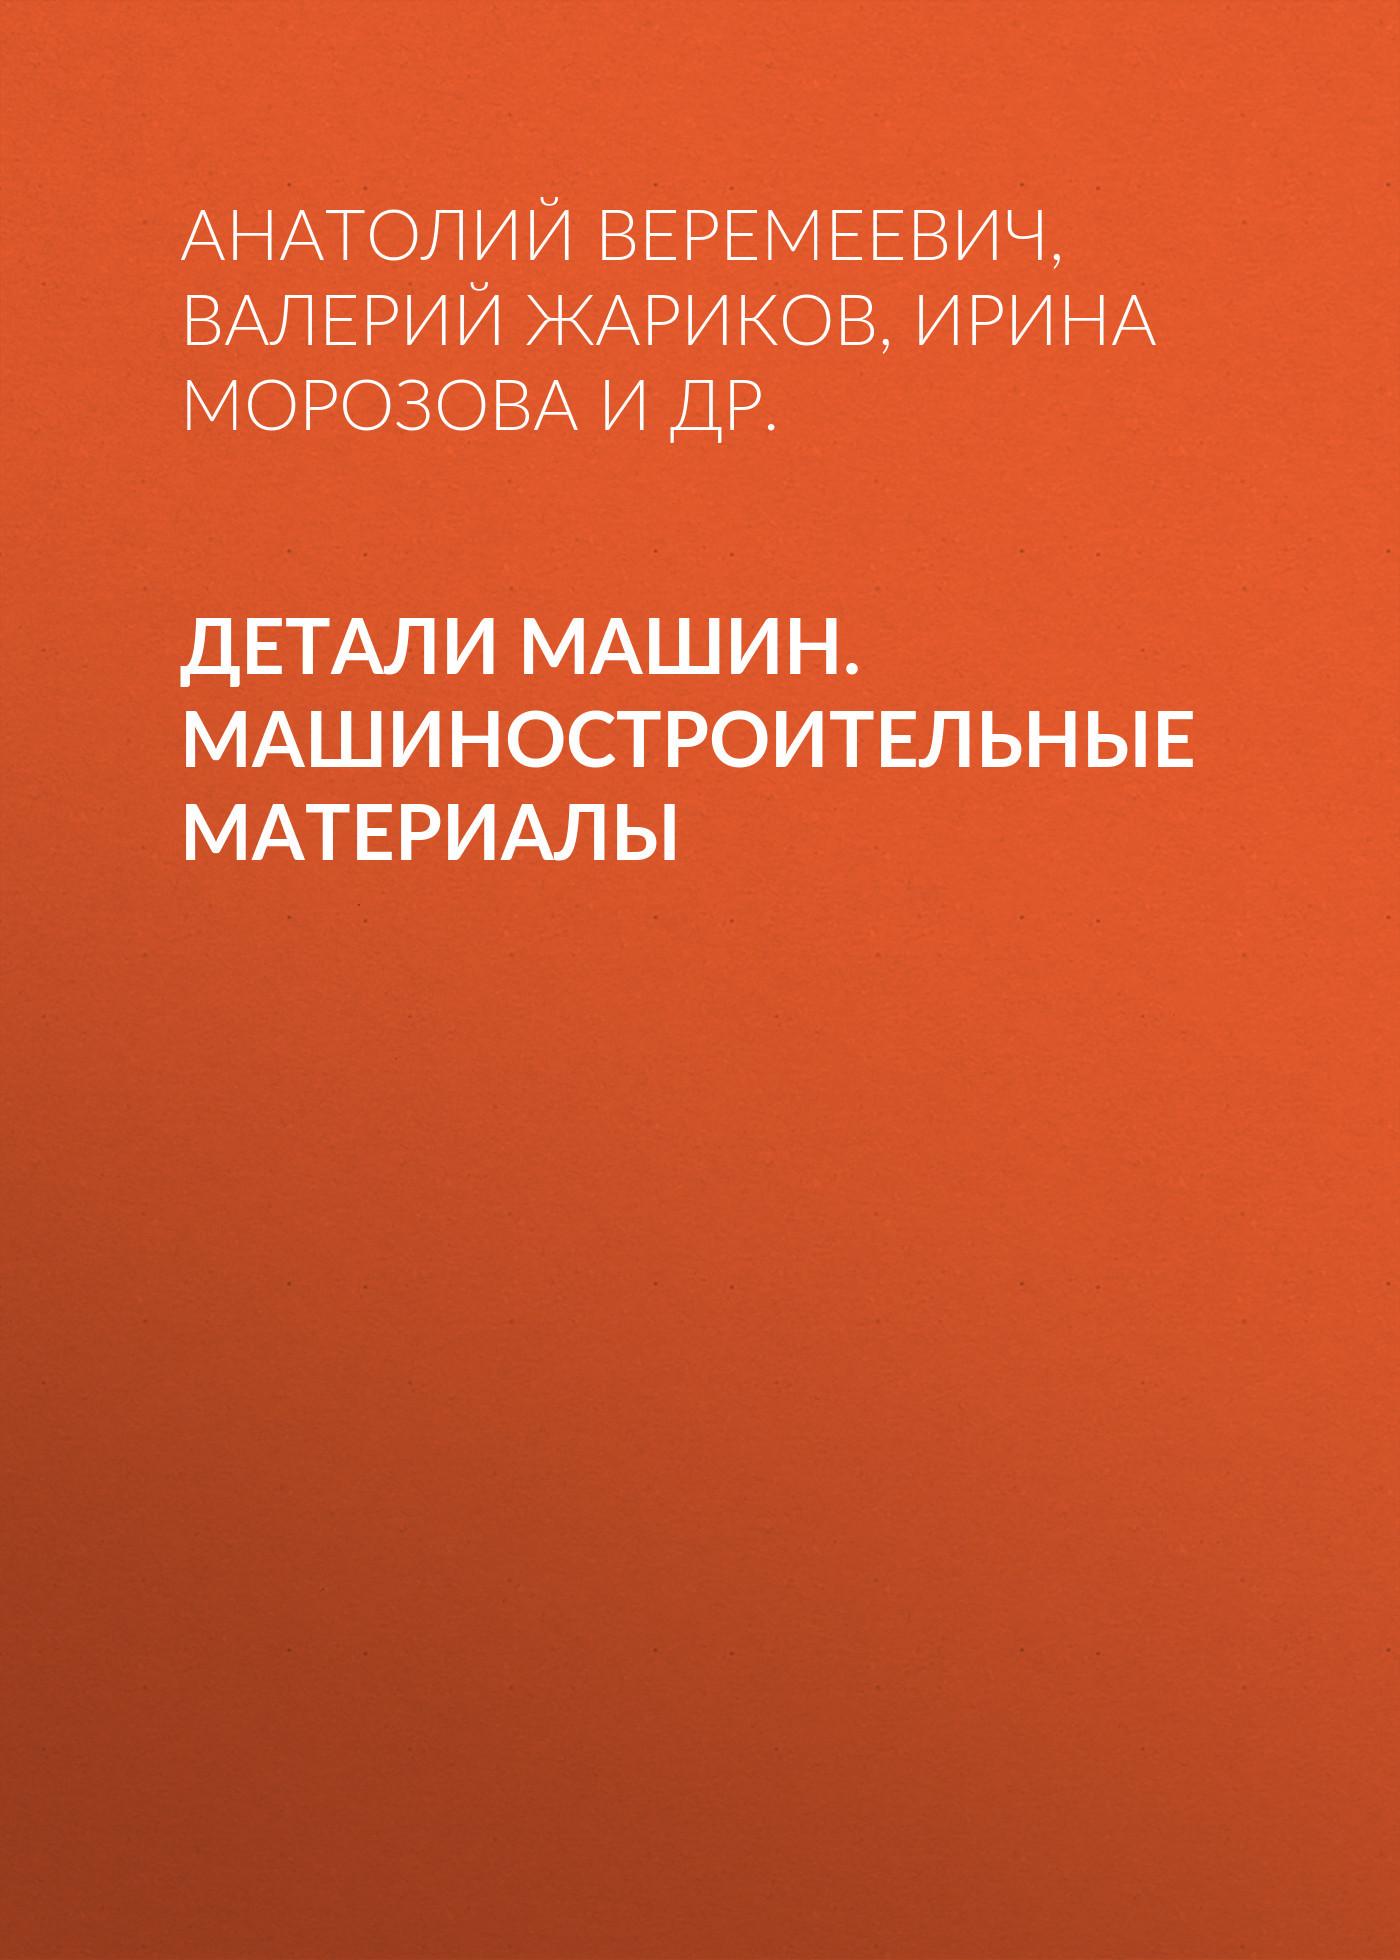 Анатолий Веремеевич бесплатно